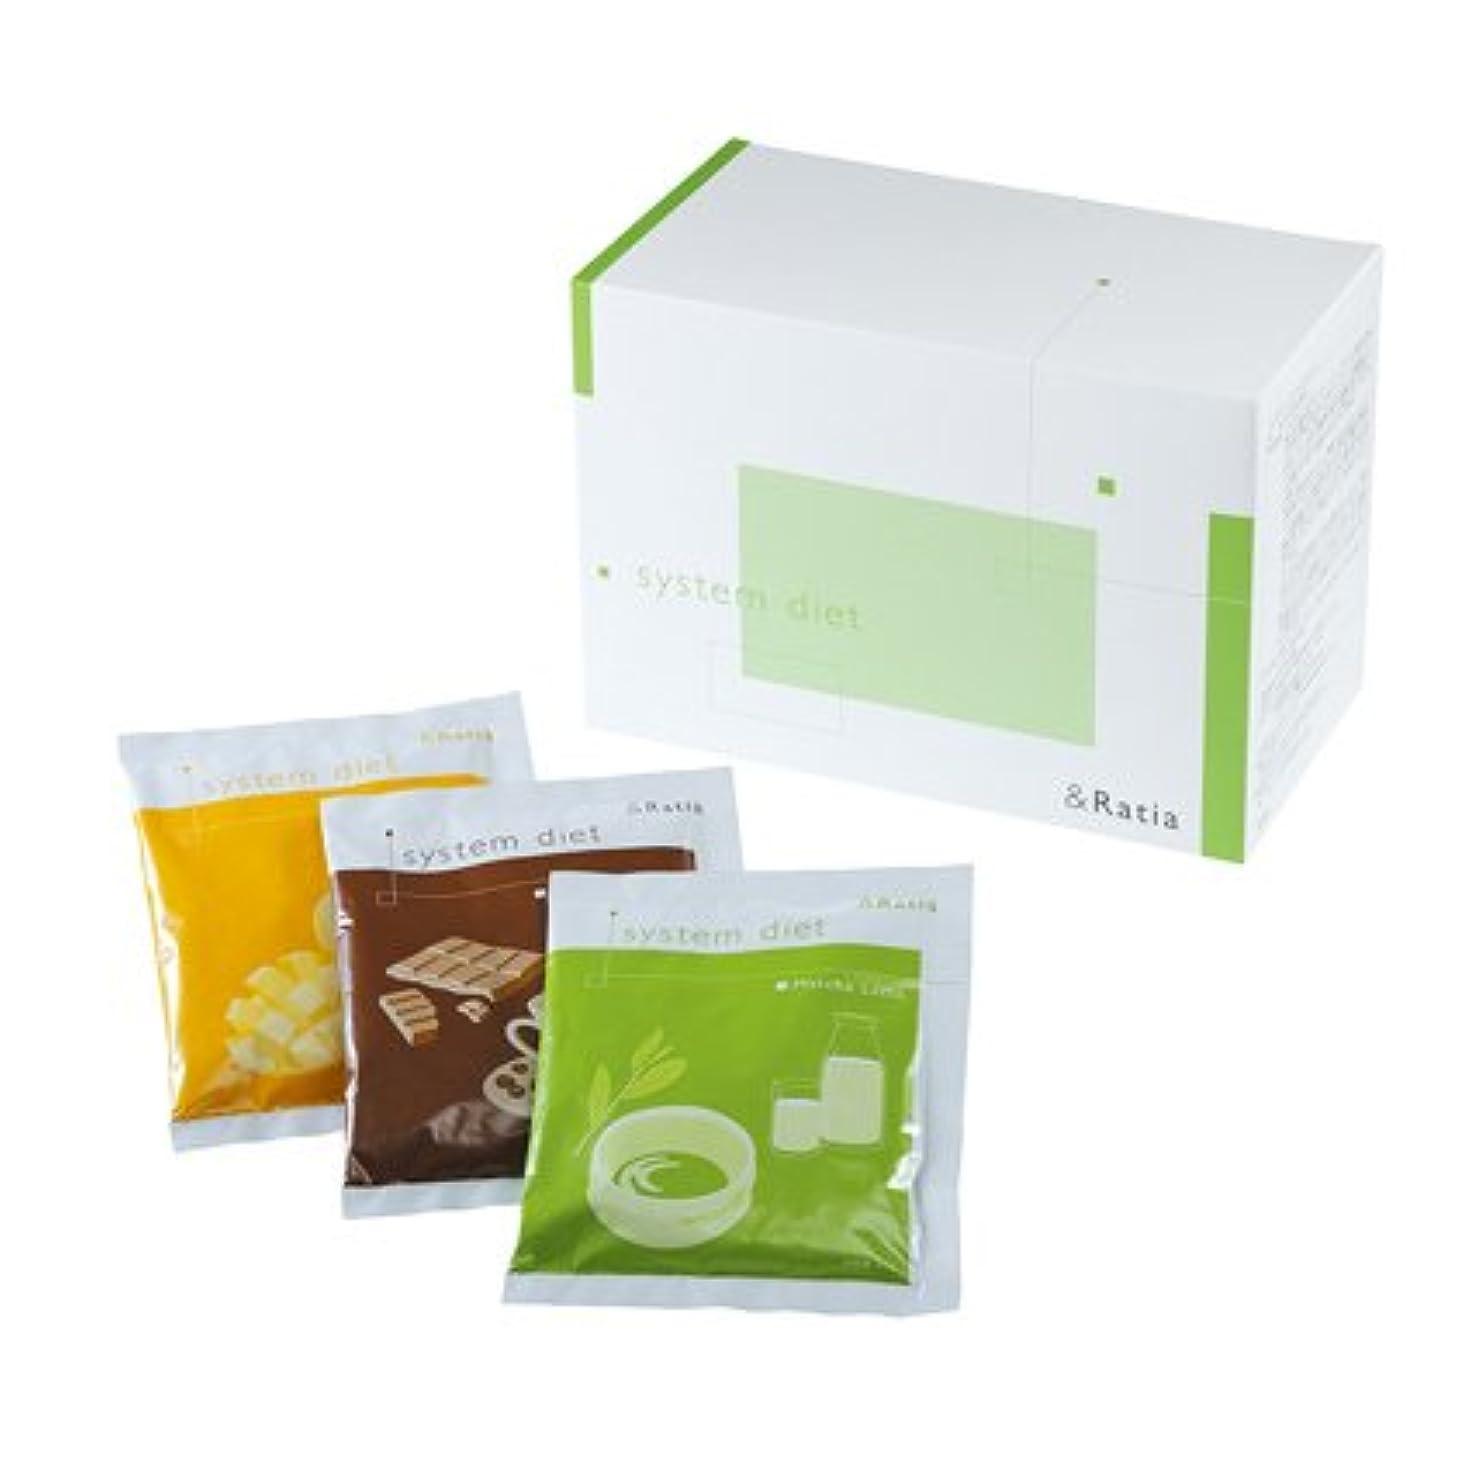 まとめる水平バレエ&Ratia システムダイエット 14袋